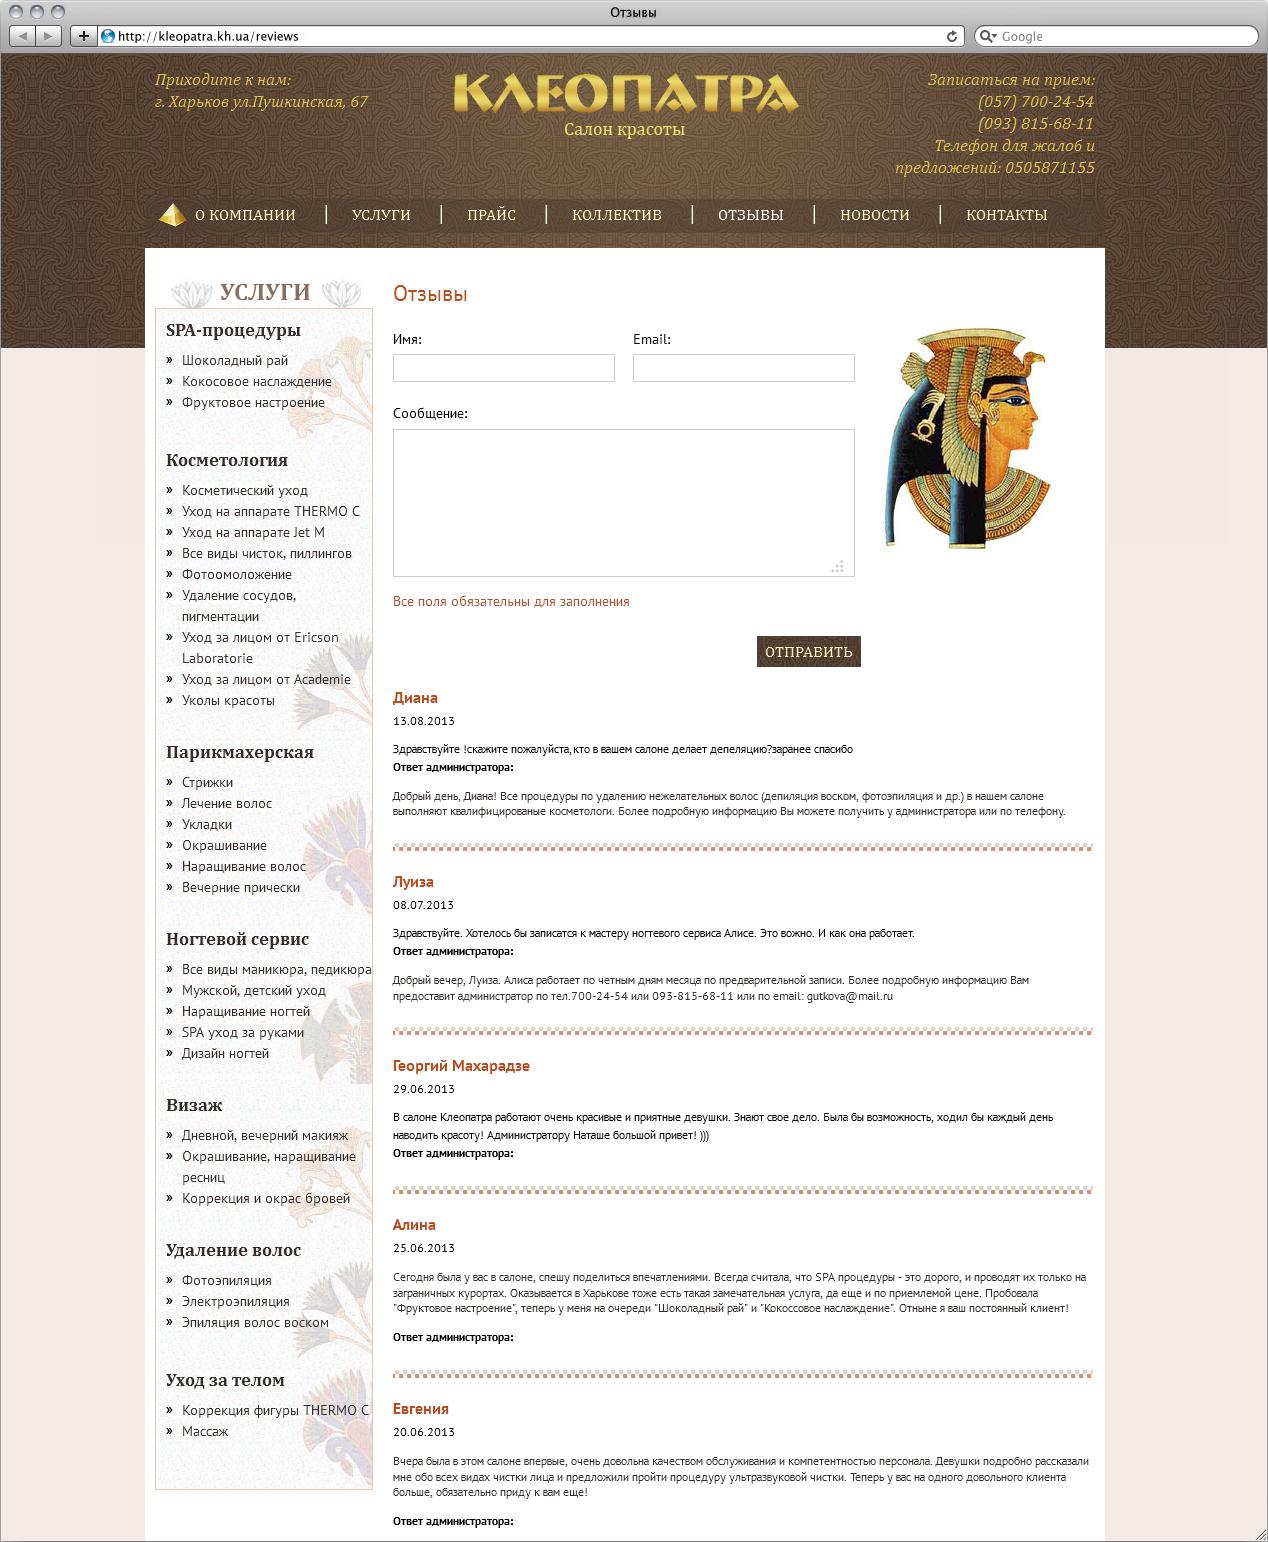 Создать сайт для салона